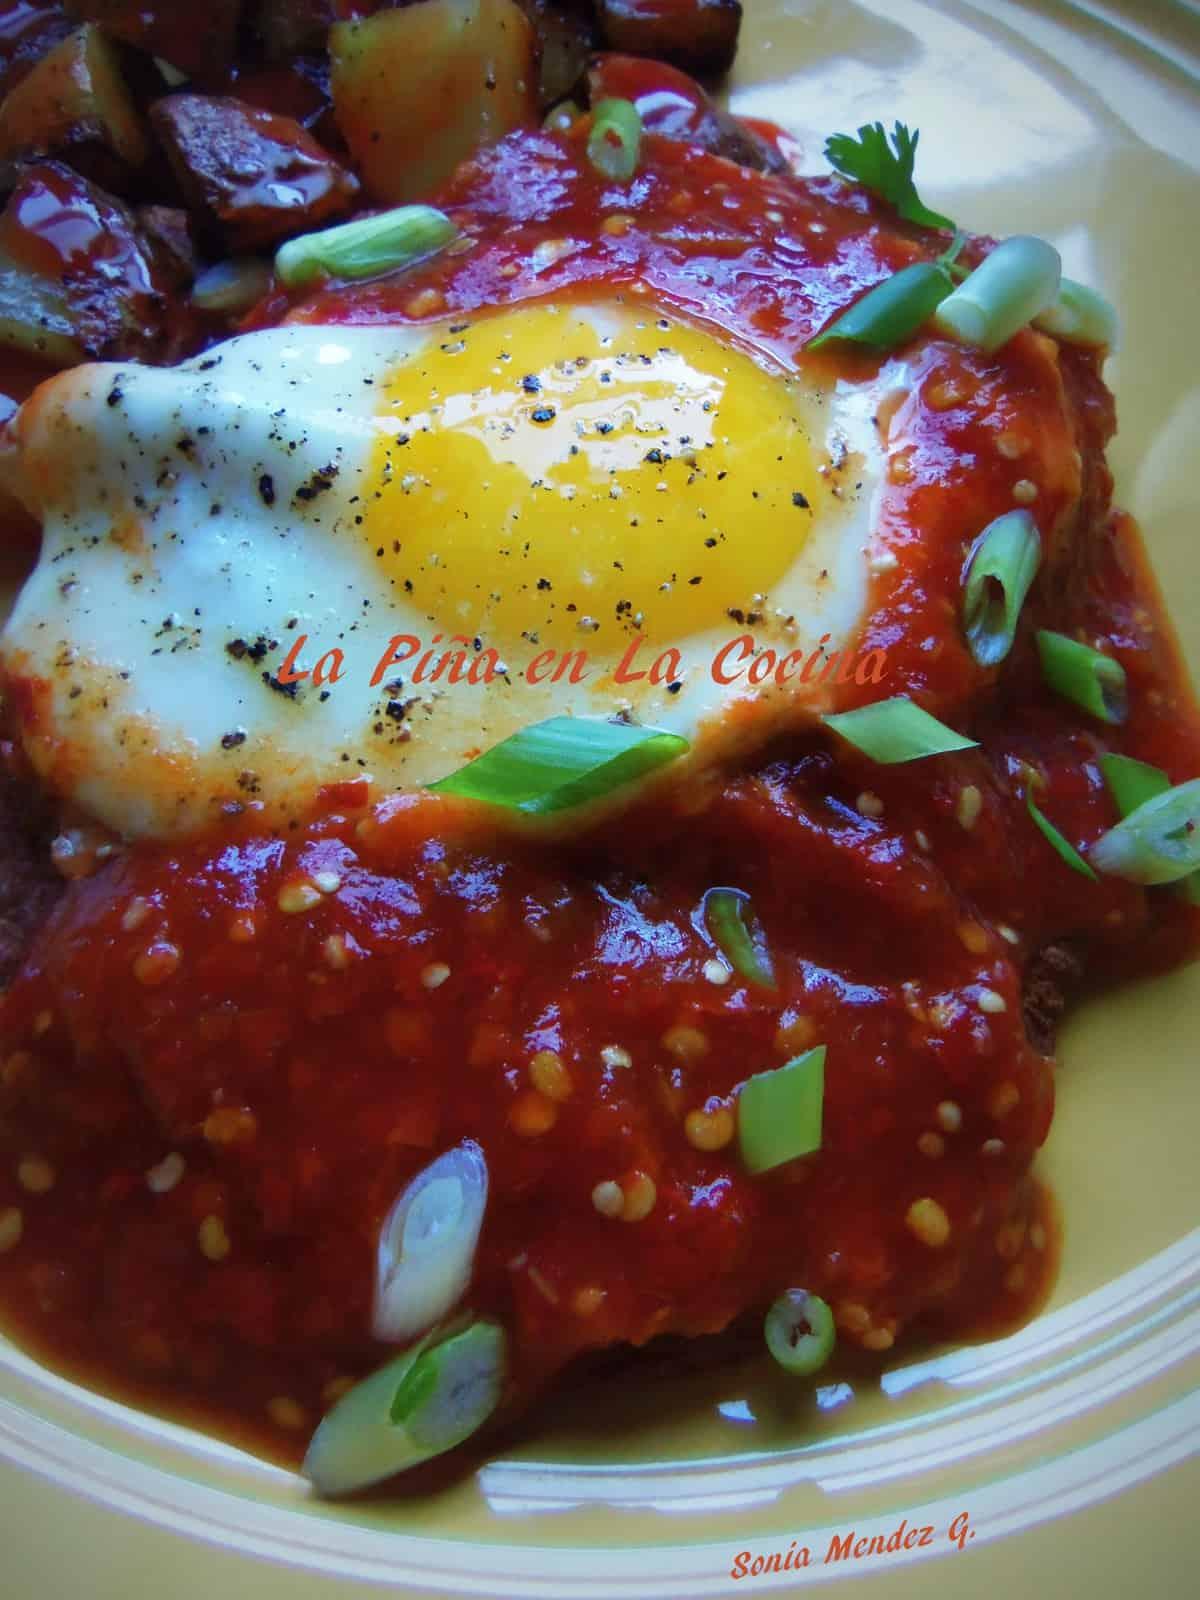 Spicy Tomatillo Chile de Arbol Salsa